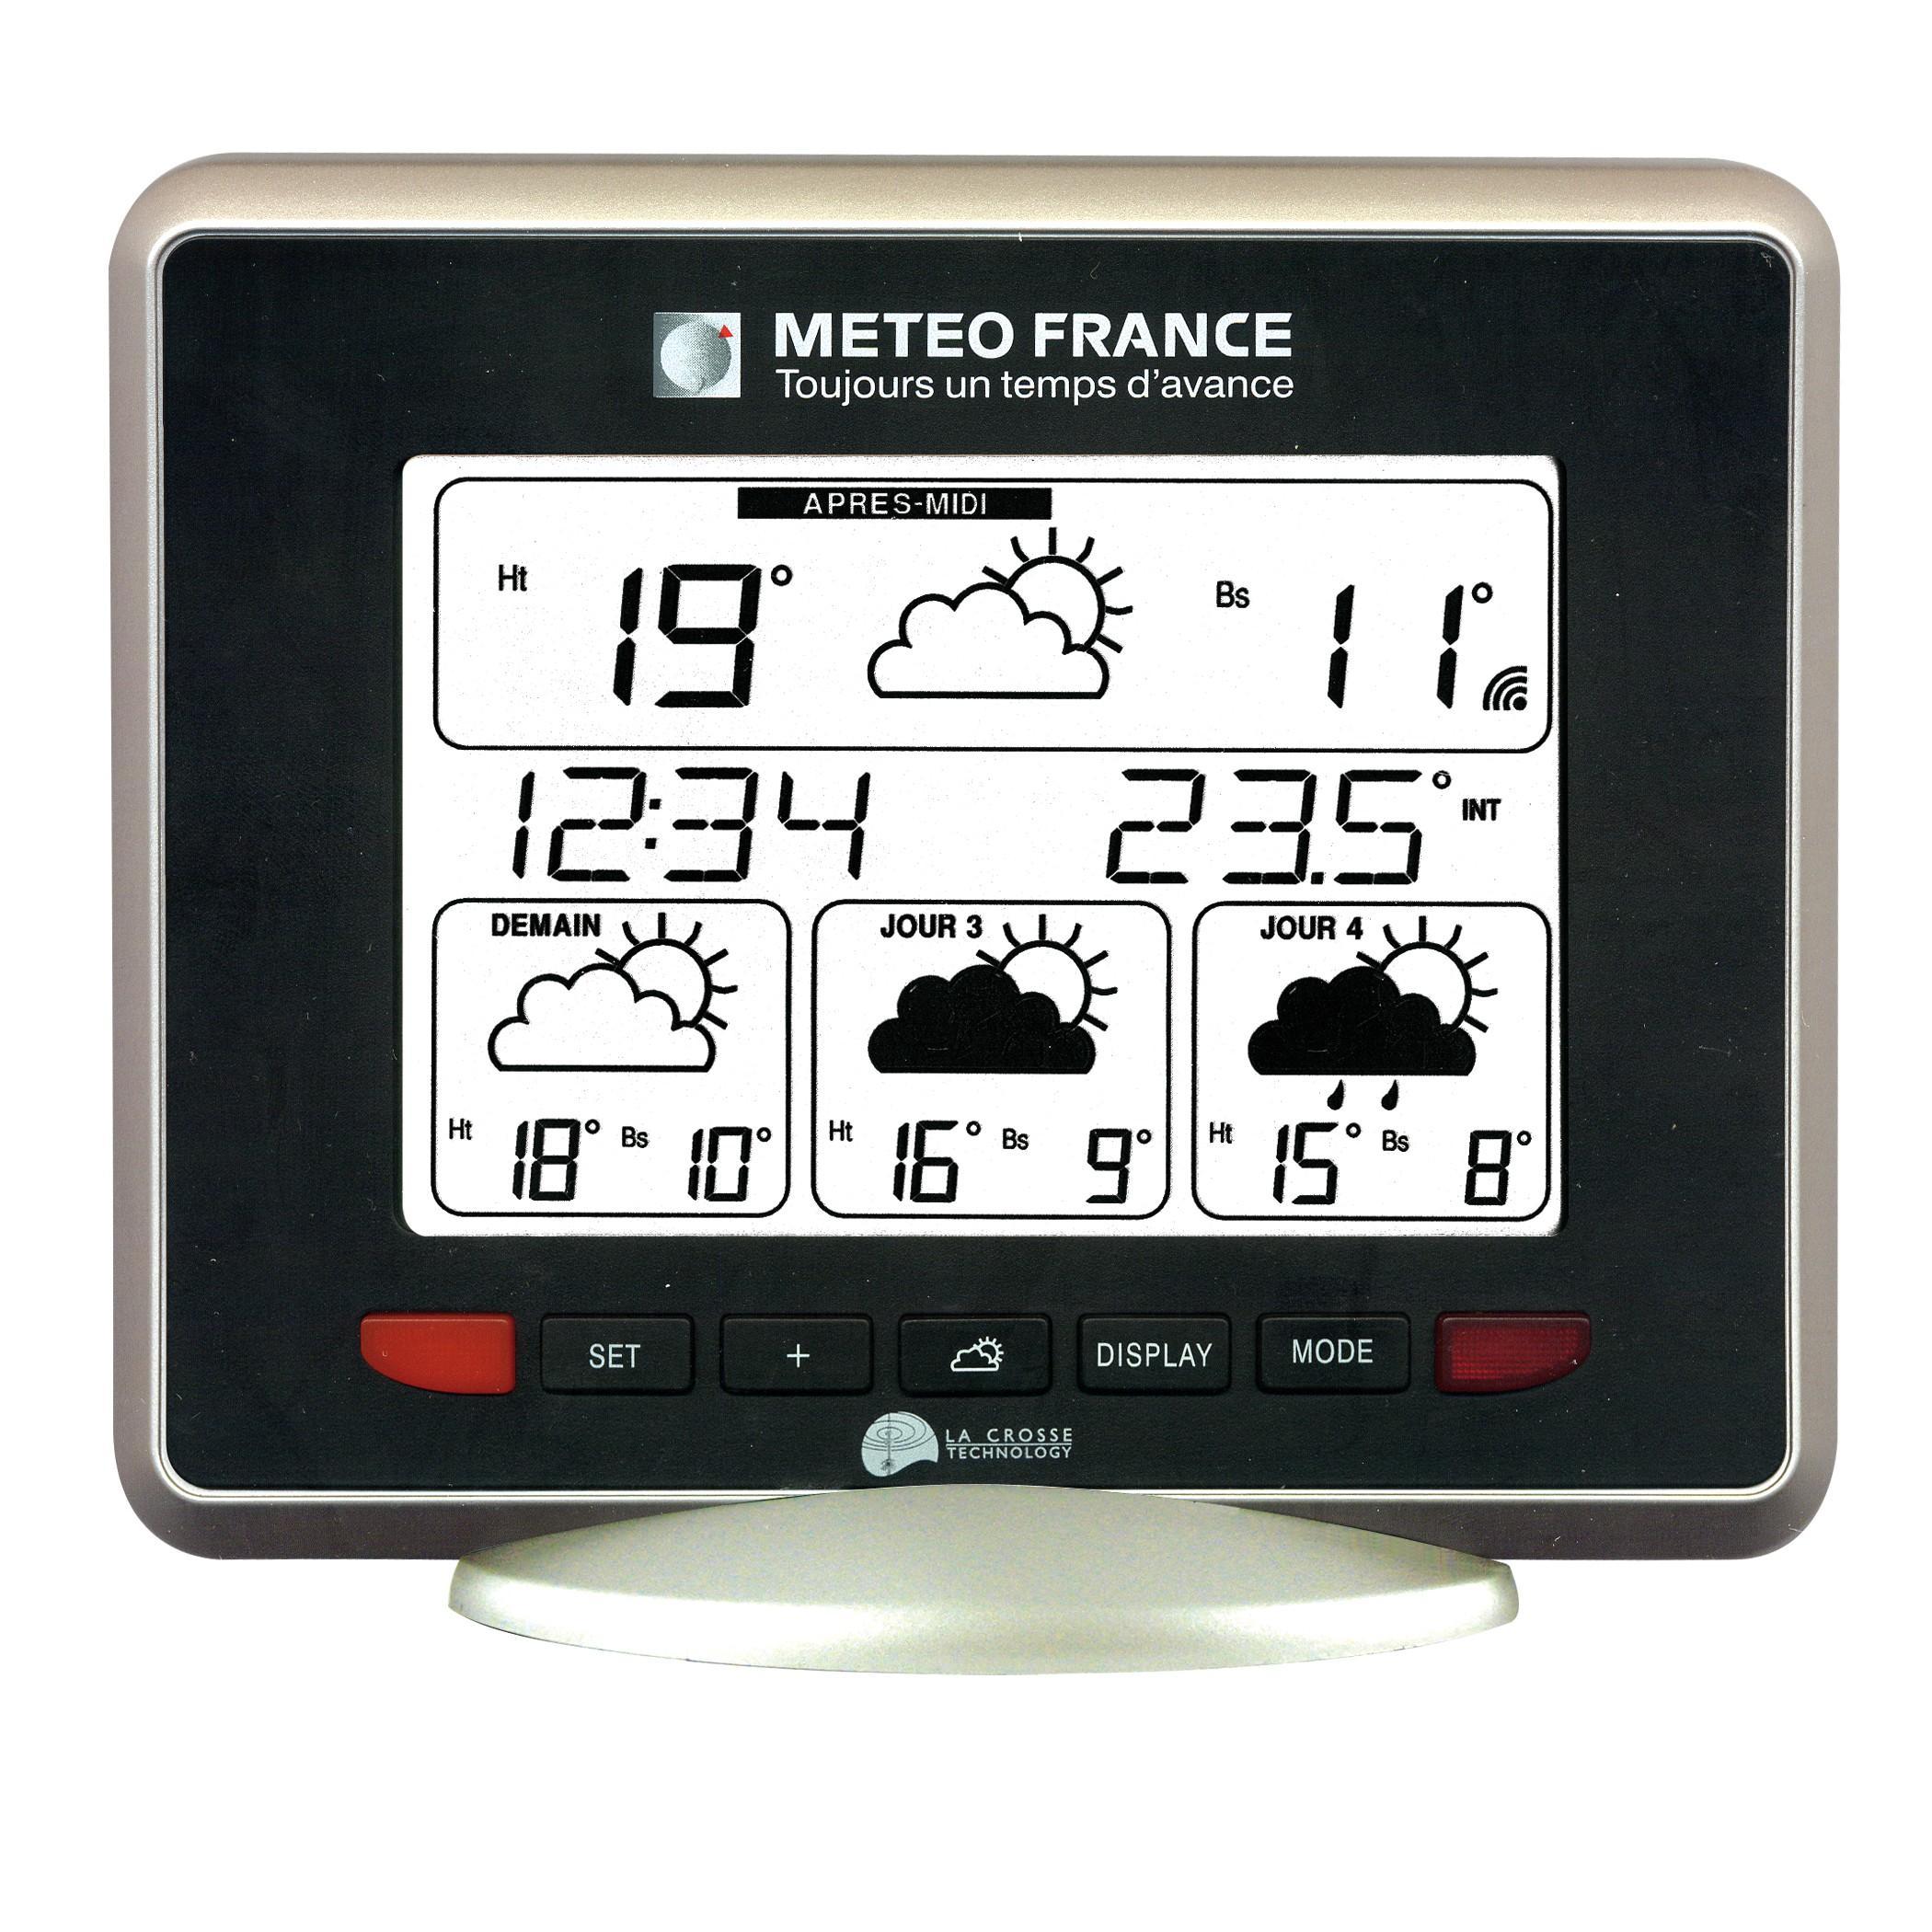 Station météo WD9530 IT+ J+3 Météo France Noir-Argent